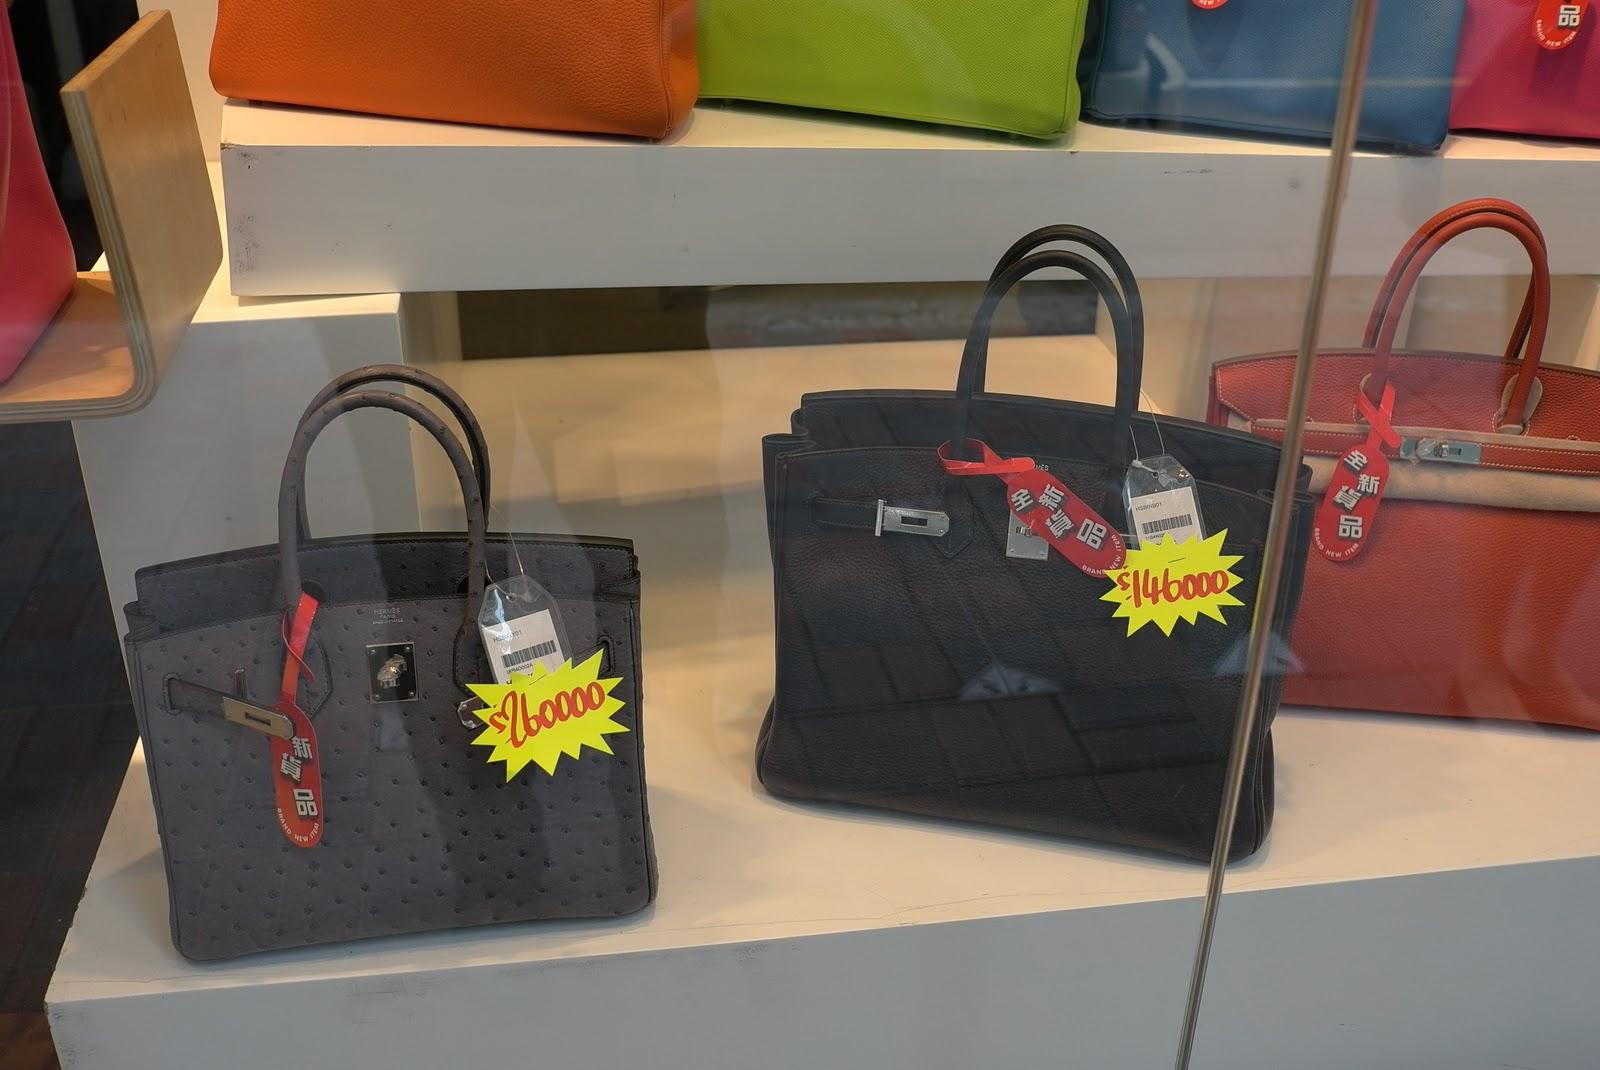 爱马仕 Authentic Hermes Birkin Amp Kelly Handbags Available 香港